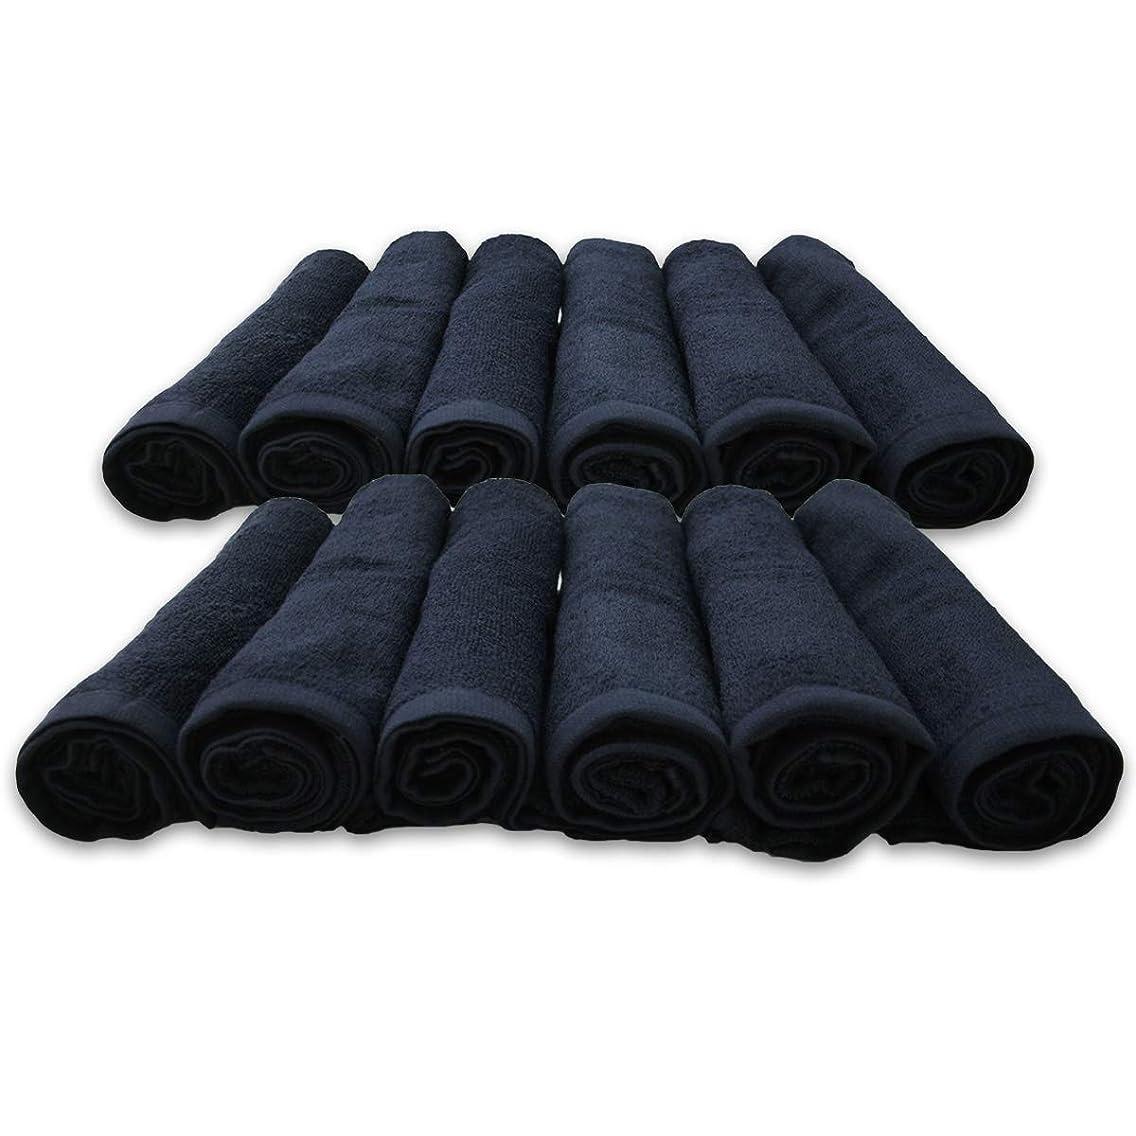 ドレス武器リットルフェイスタオル 業務用 12枚セット 34×86cm 240匁 色落ちしにくいスレン染め 02-060-12P (ブラック)